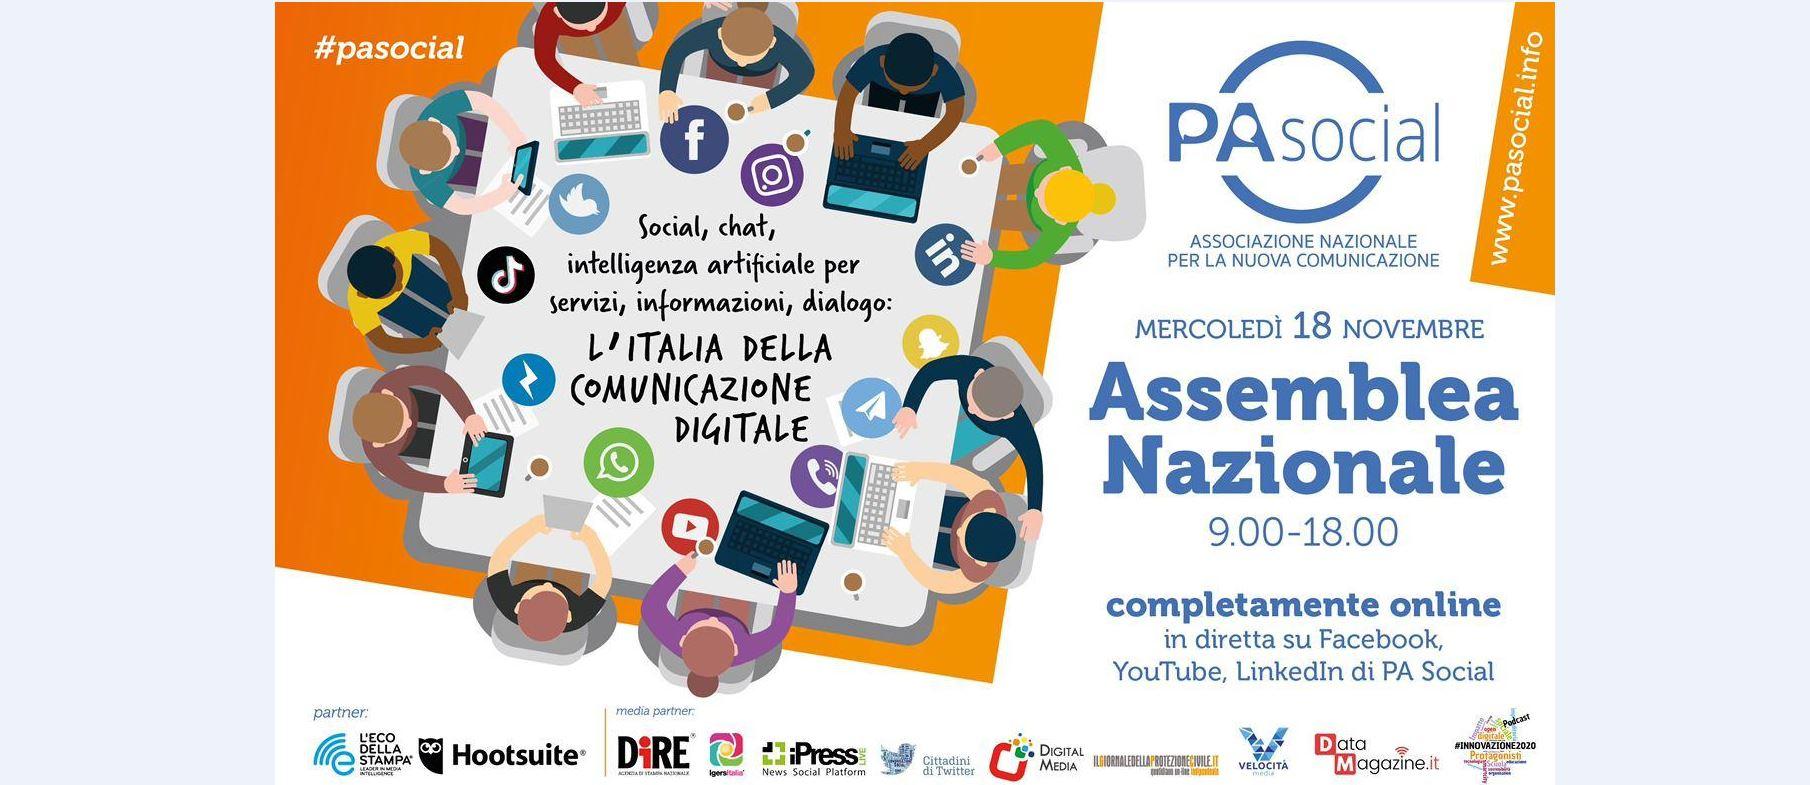 Save the date: mercoledì 18 novembre è in programma l'Assemblea nazionale di PA Social